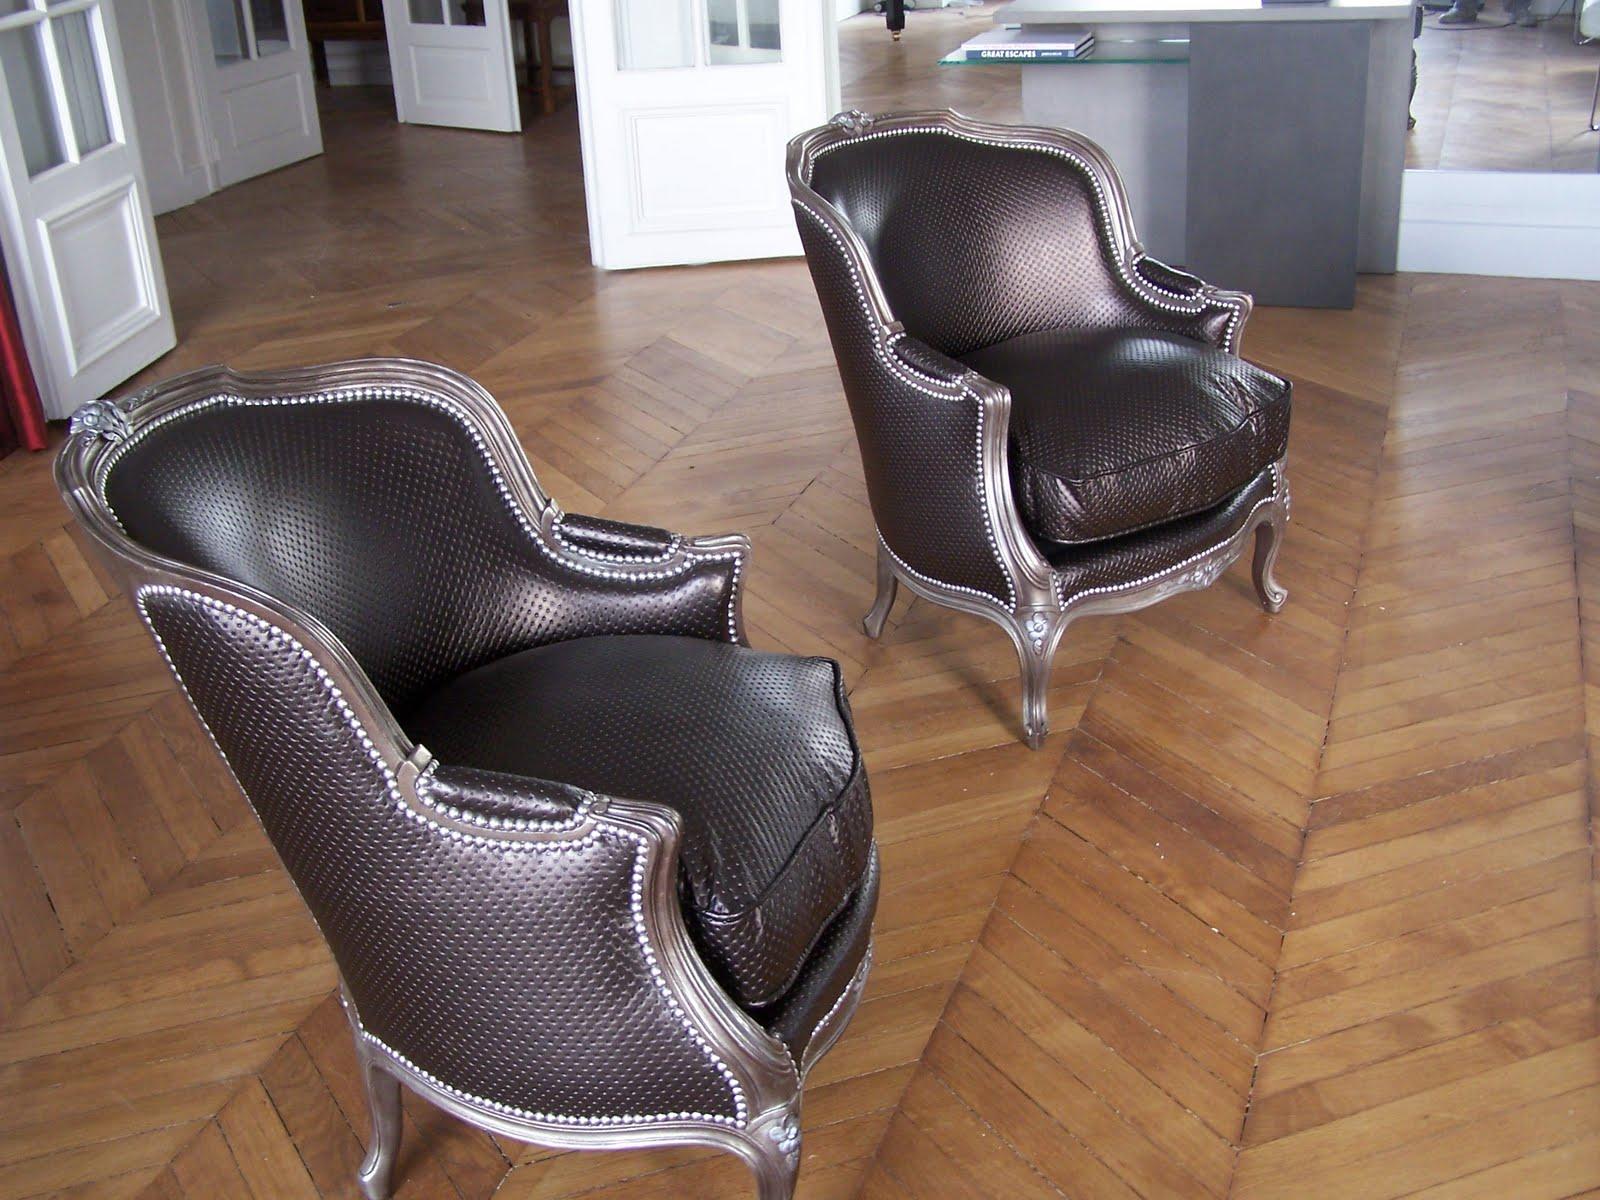 relooker fauteuil ancien se rapportant relooker fauteuil ancien frdesignhubco - Fauteuil Ancien Bergere